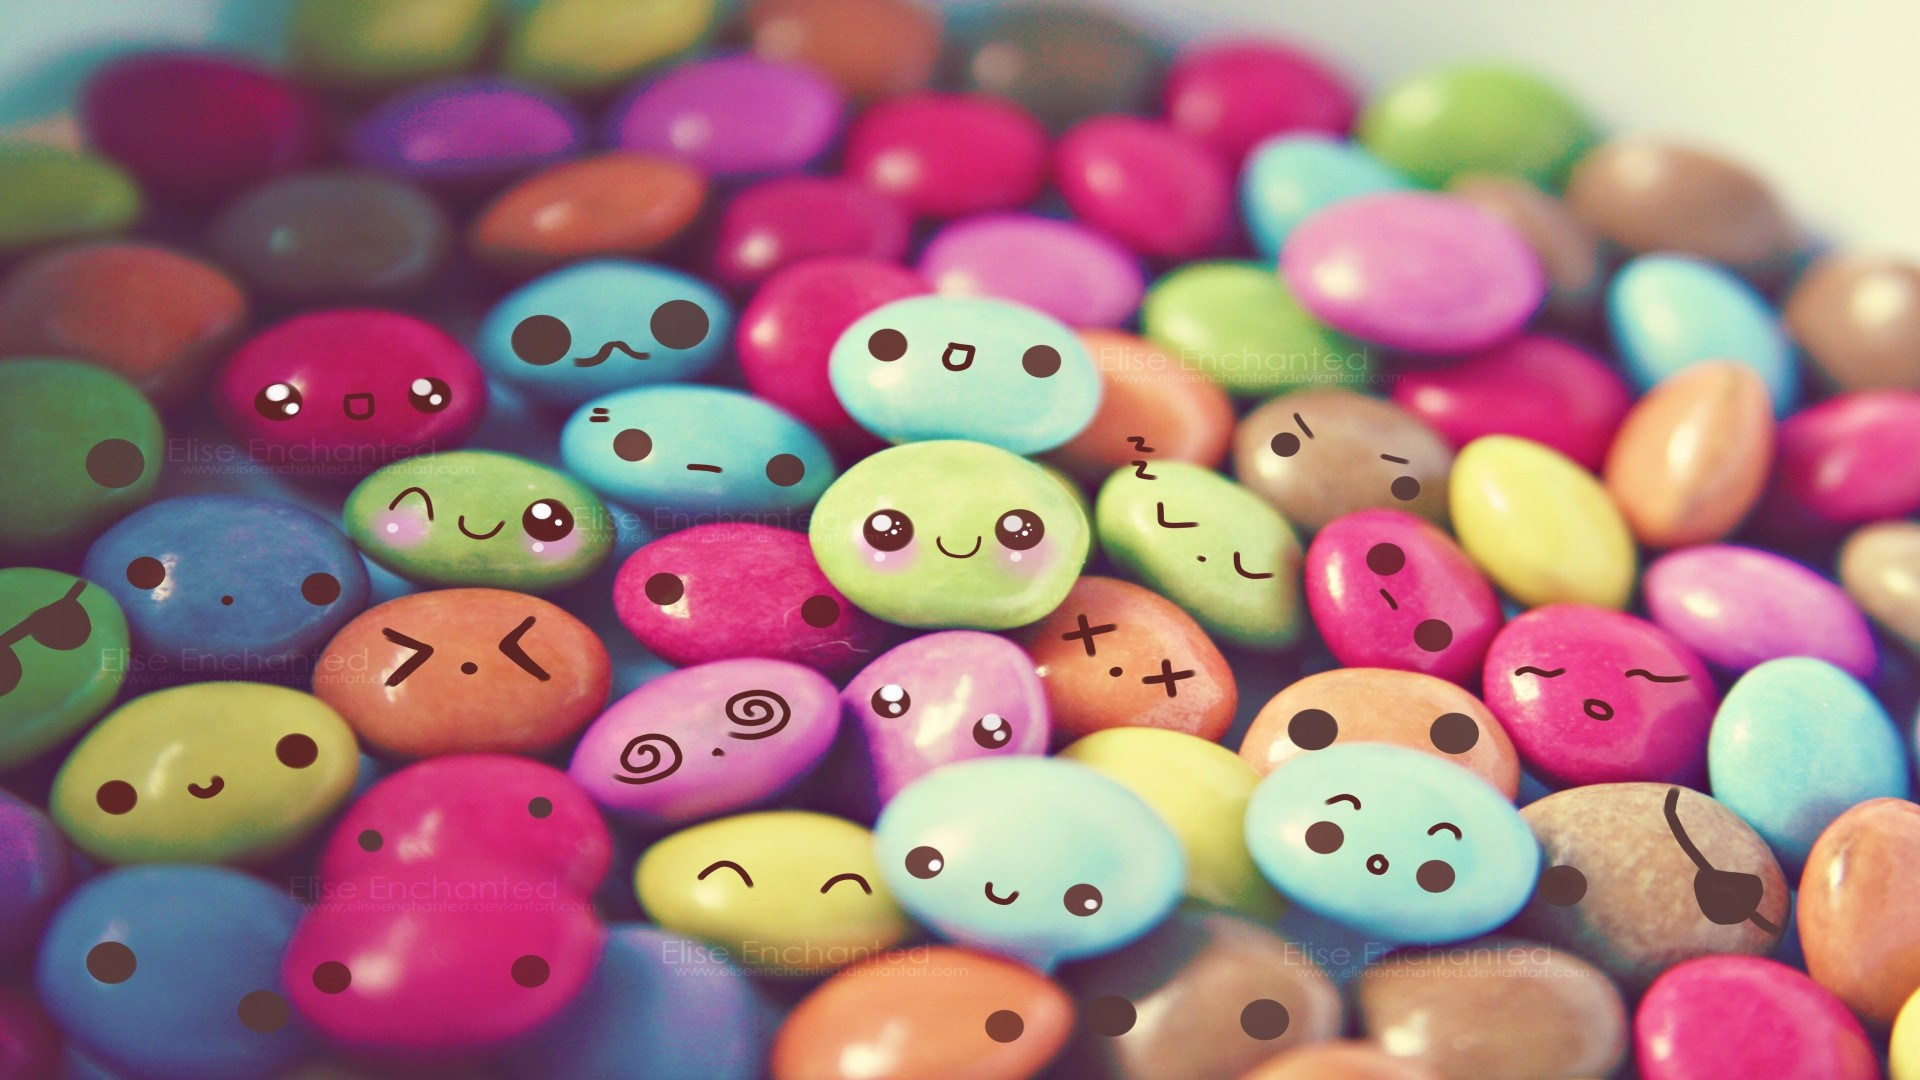 Hình ảnh những viên kẹo nhiều màu sắc ngọt ngào